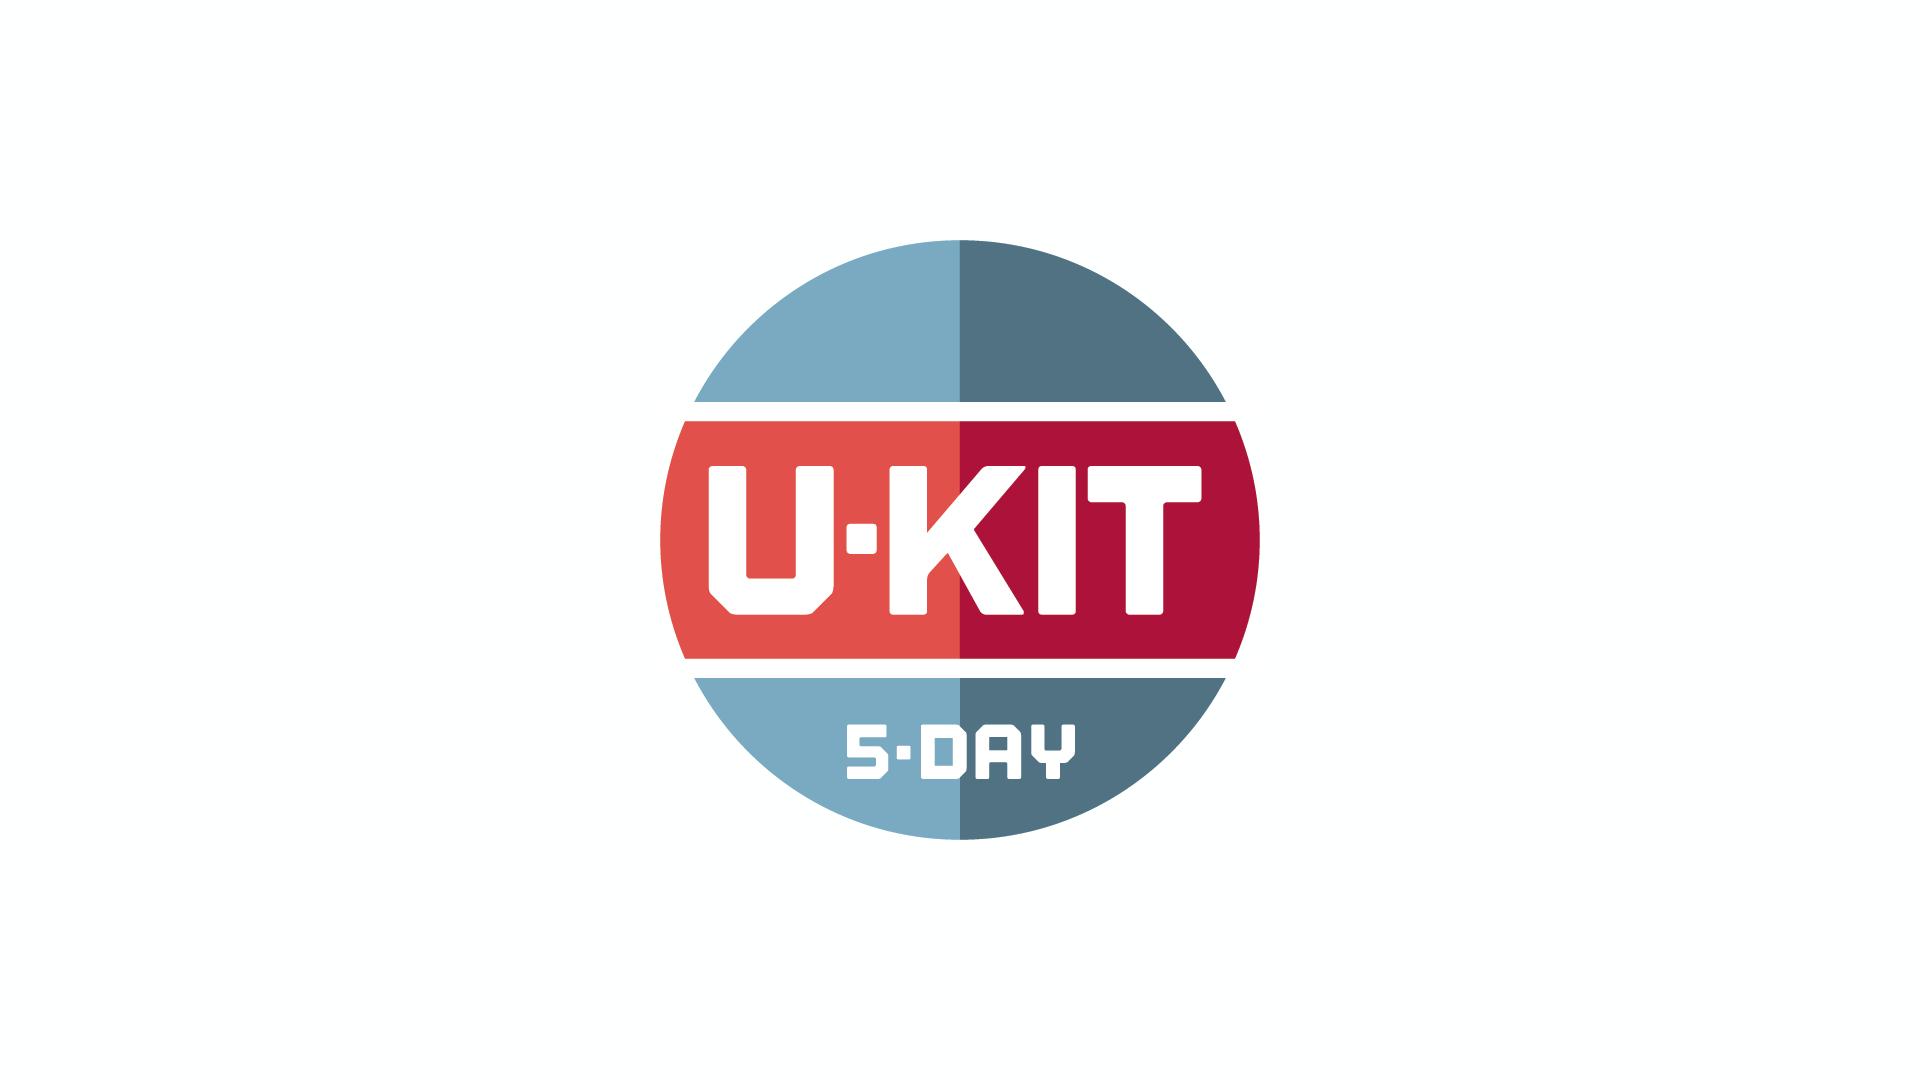 ukit_5_day_logo.png